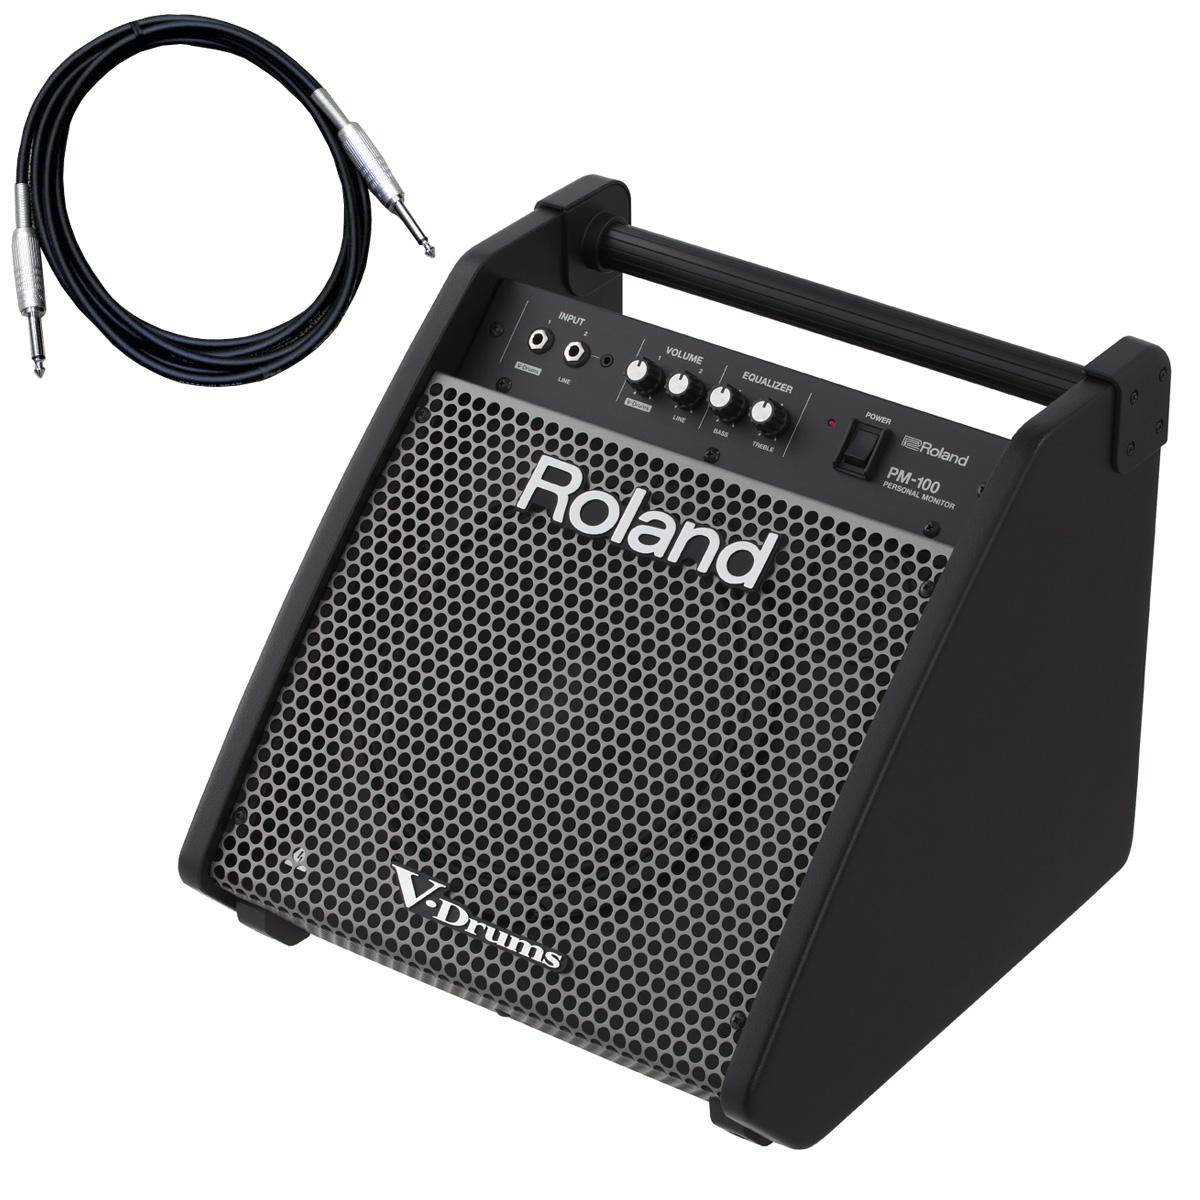 Roland 電子ドラム用モニタースピーカー PM-100 カナレ接続ケーブルセット